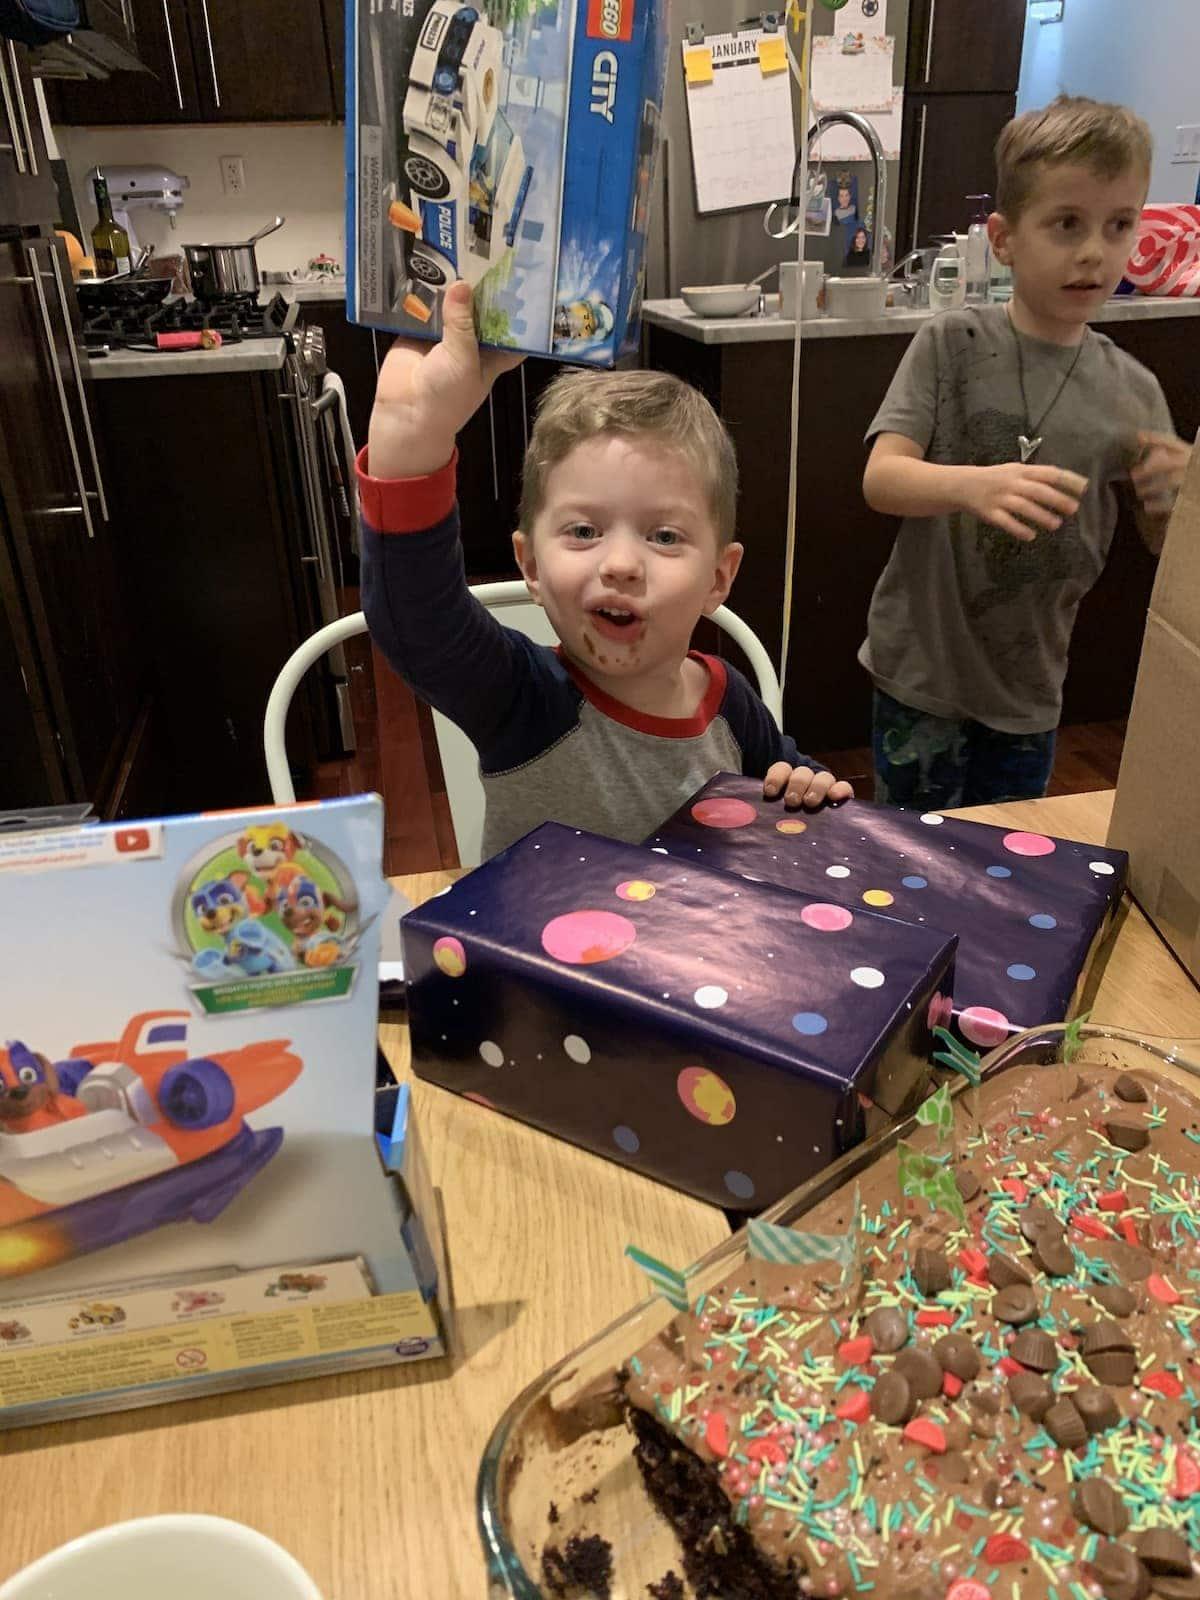 Eddie opening presents